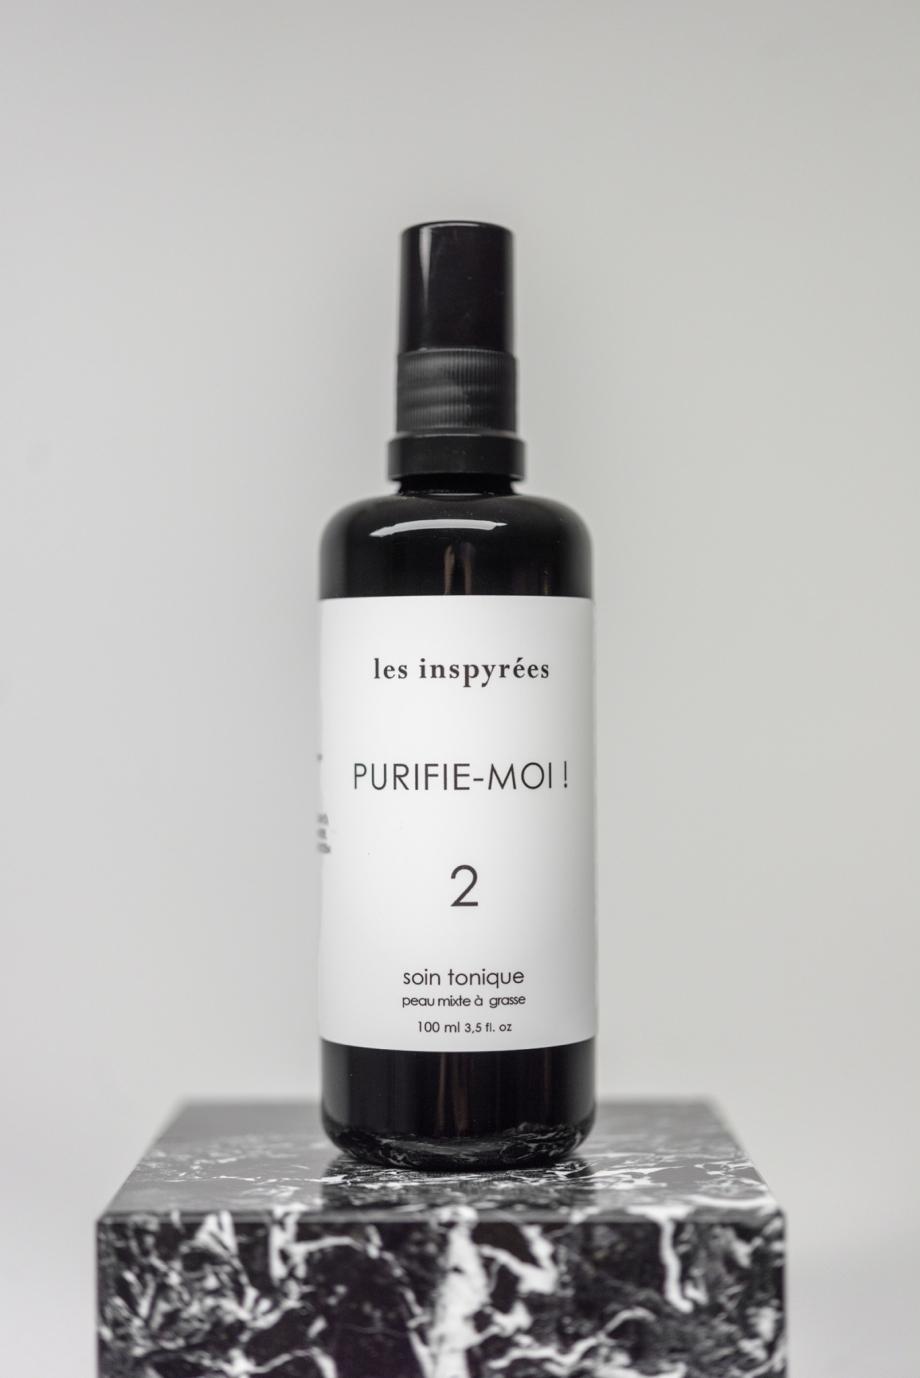 #2 PURIFIE-MOI ! – Hydrolat aromatique 100 ml